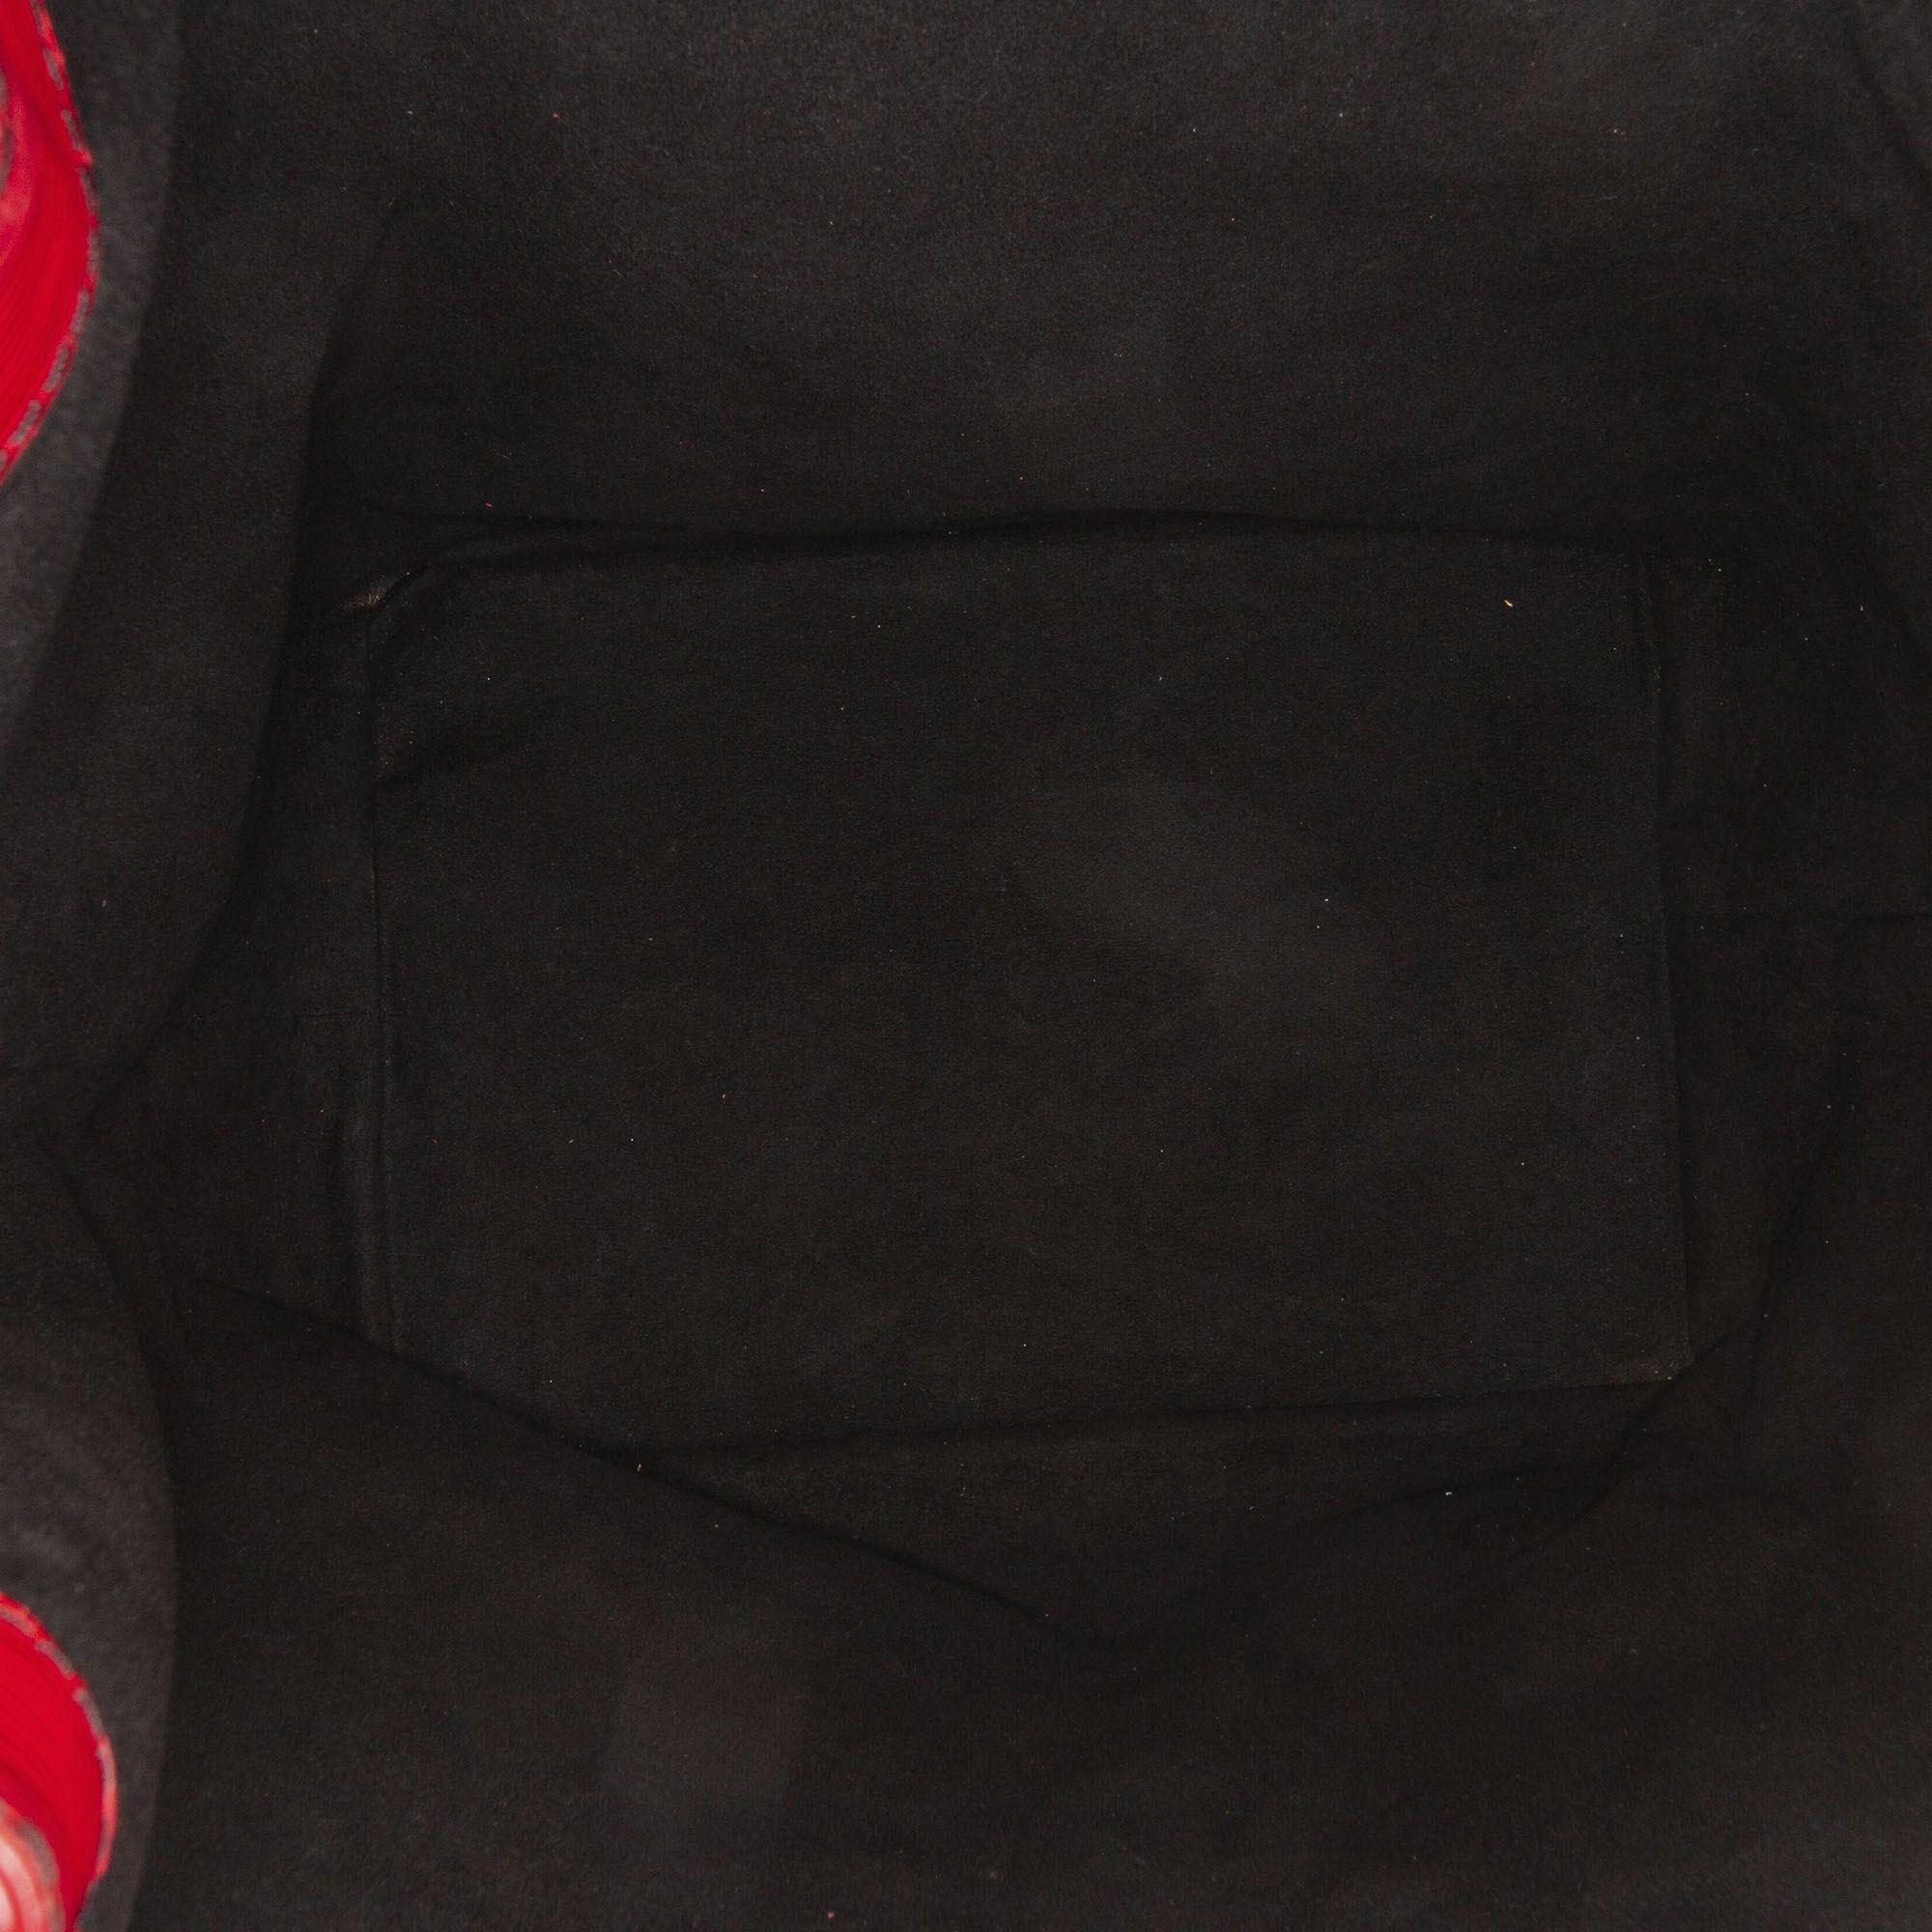 Vintage Louis Vuitton Epi Tricolor Noe Red